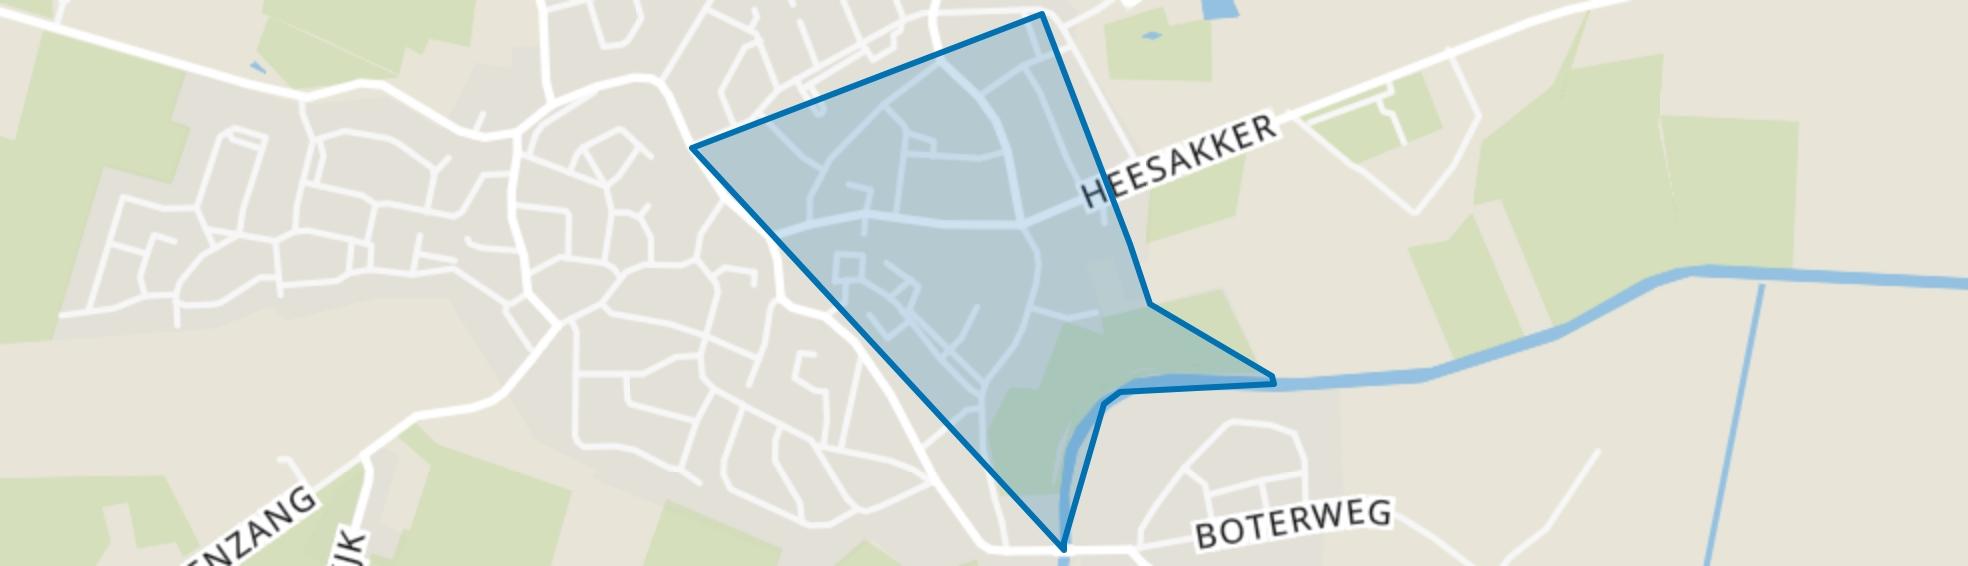 Erp Centrum, Erp map